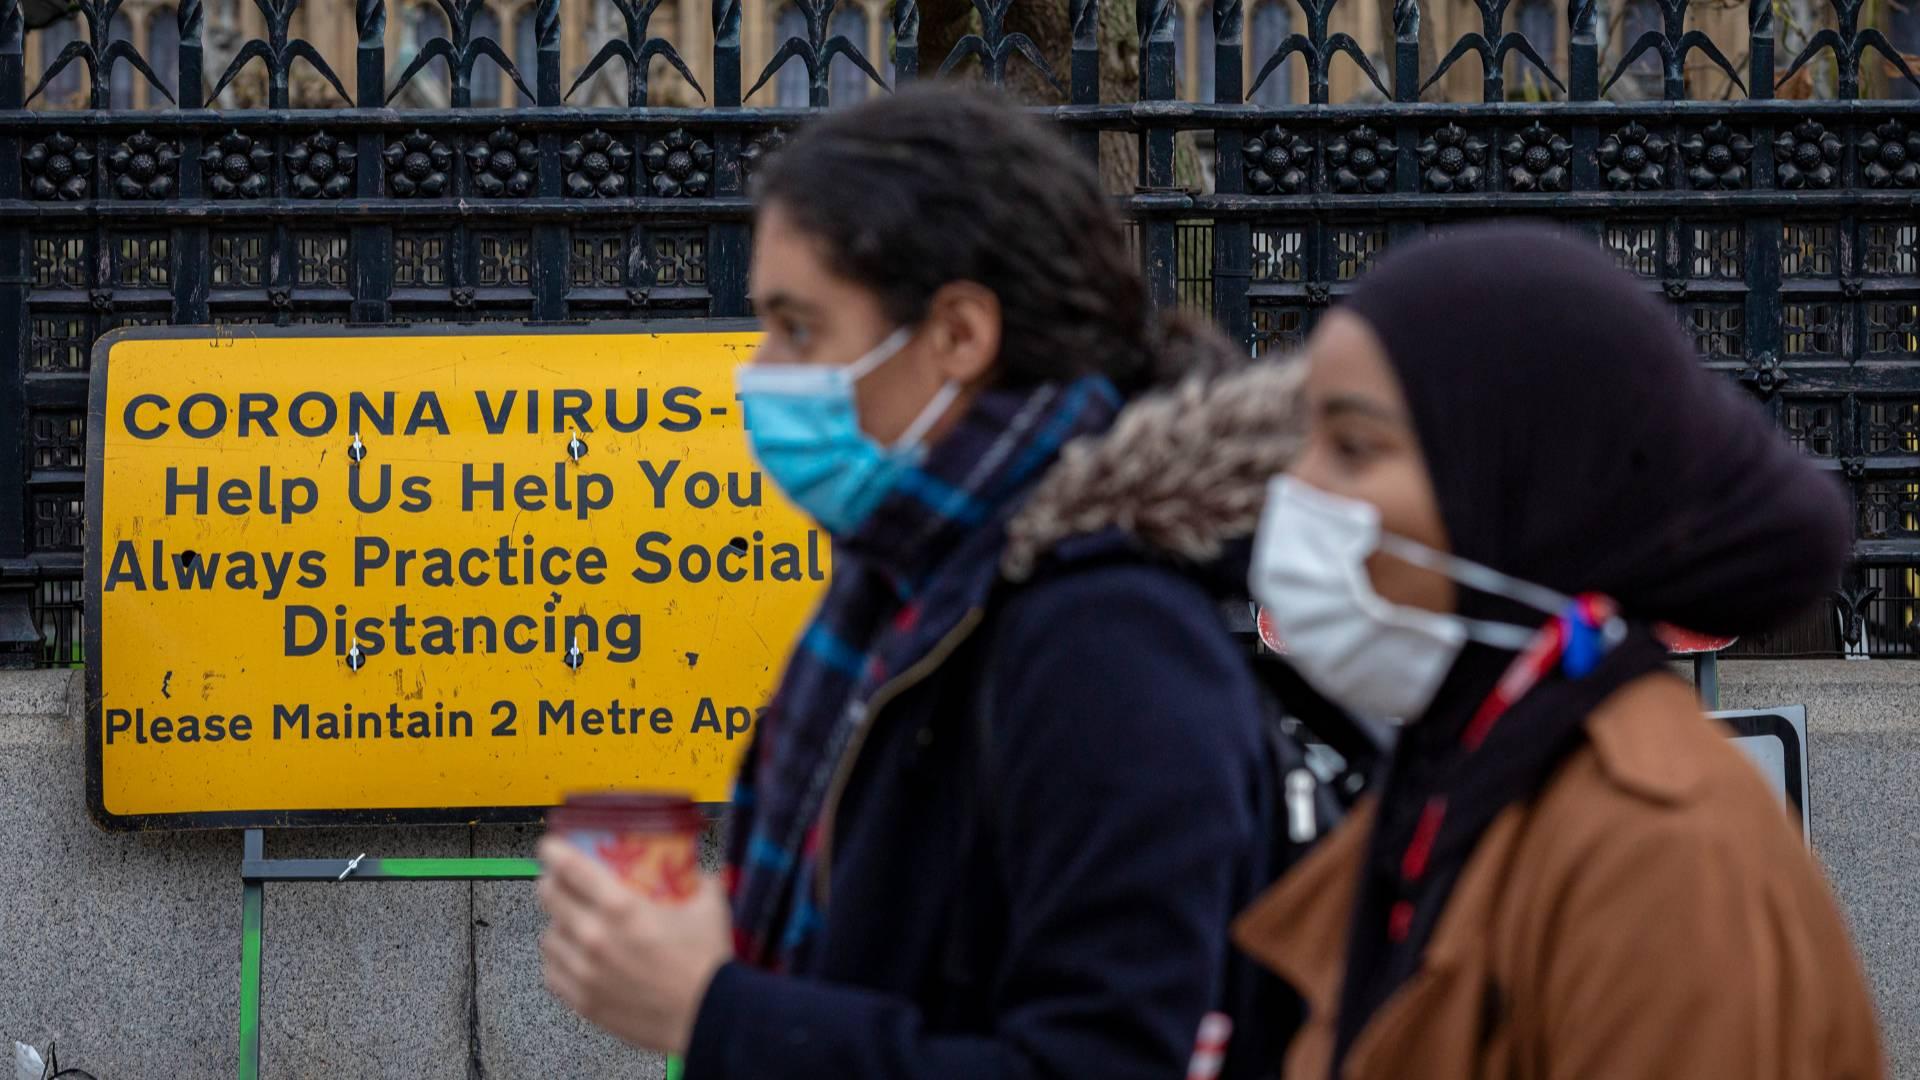 Новый коронавирус-мутант в Великобритании. Разрыв авиасообщения и другие меры